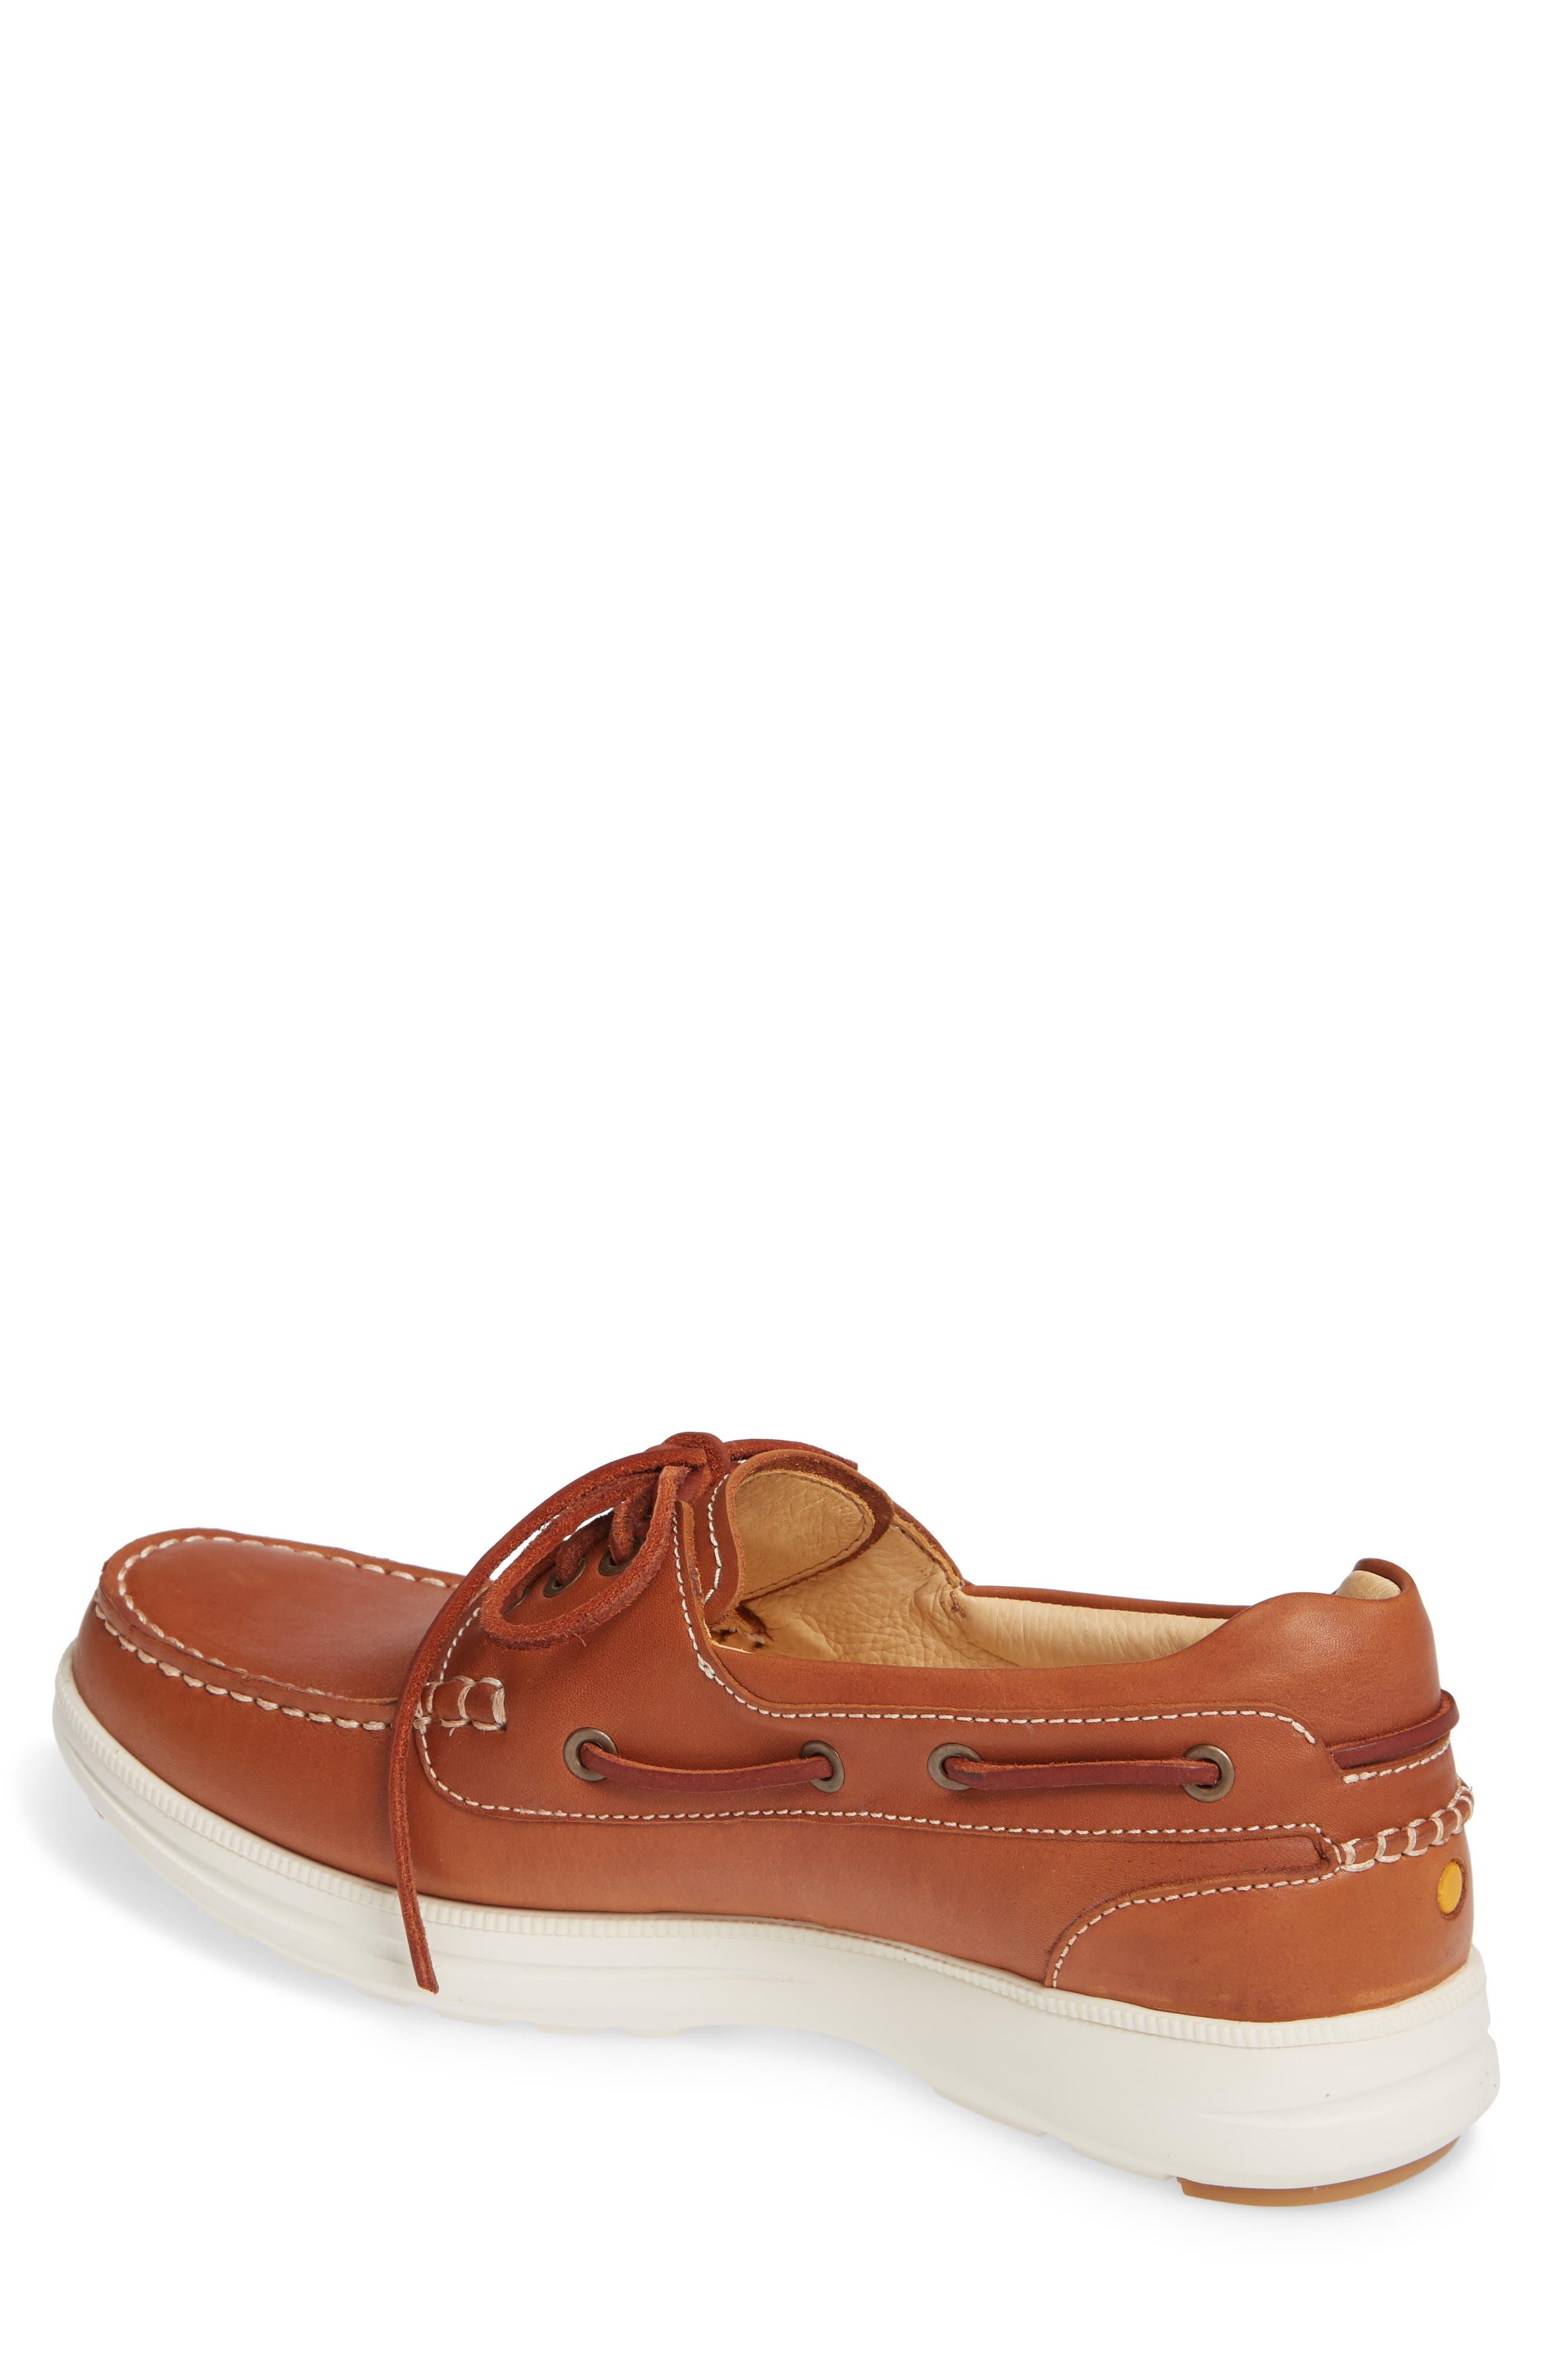 New Endeavor Moc Toe Boat Shoe,                             Alternate thumbnail 2, color,                             TAN WAXED NUBUCK